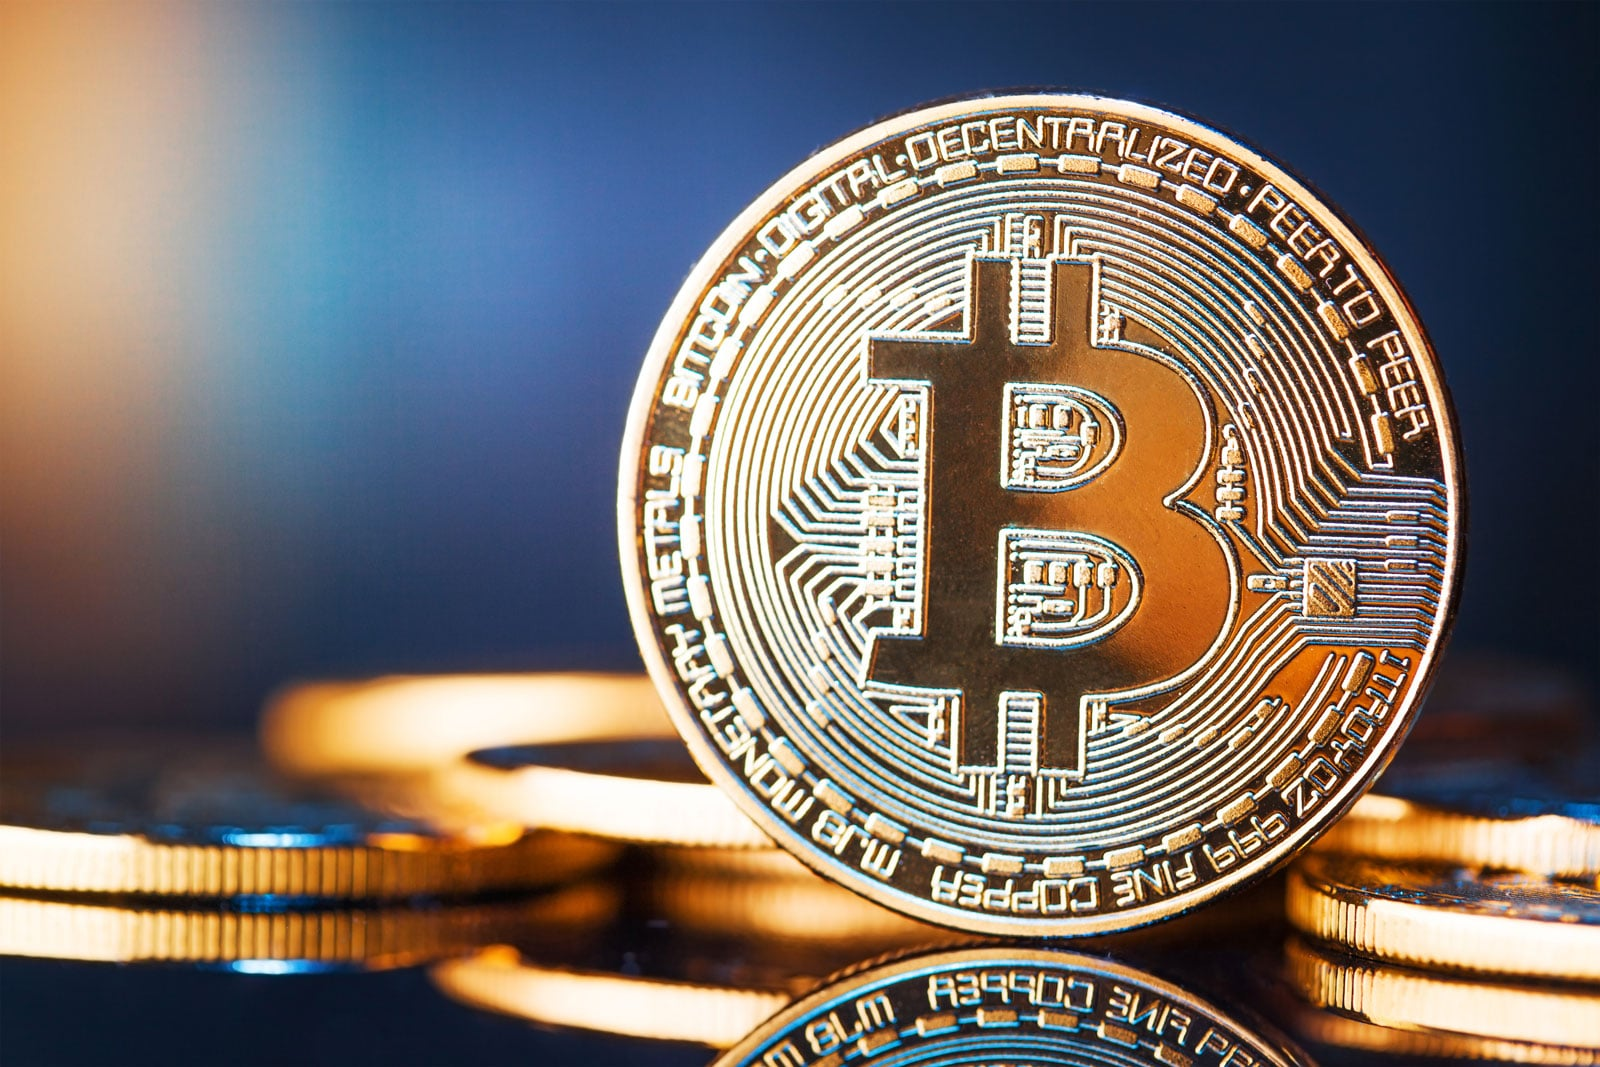 ビットコイン(BTC)の今後は明るい?年の最新の動向と将来性 | Coincheck